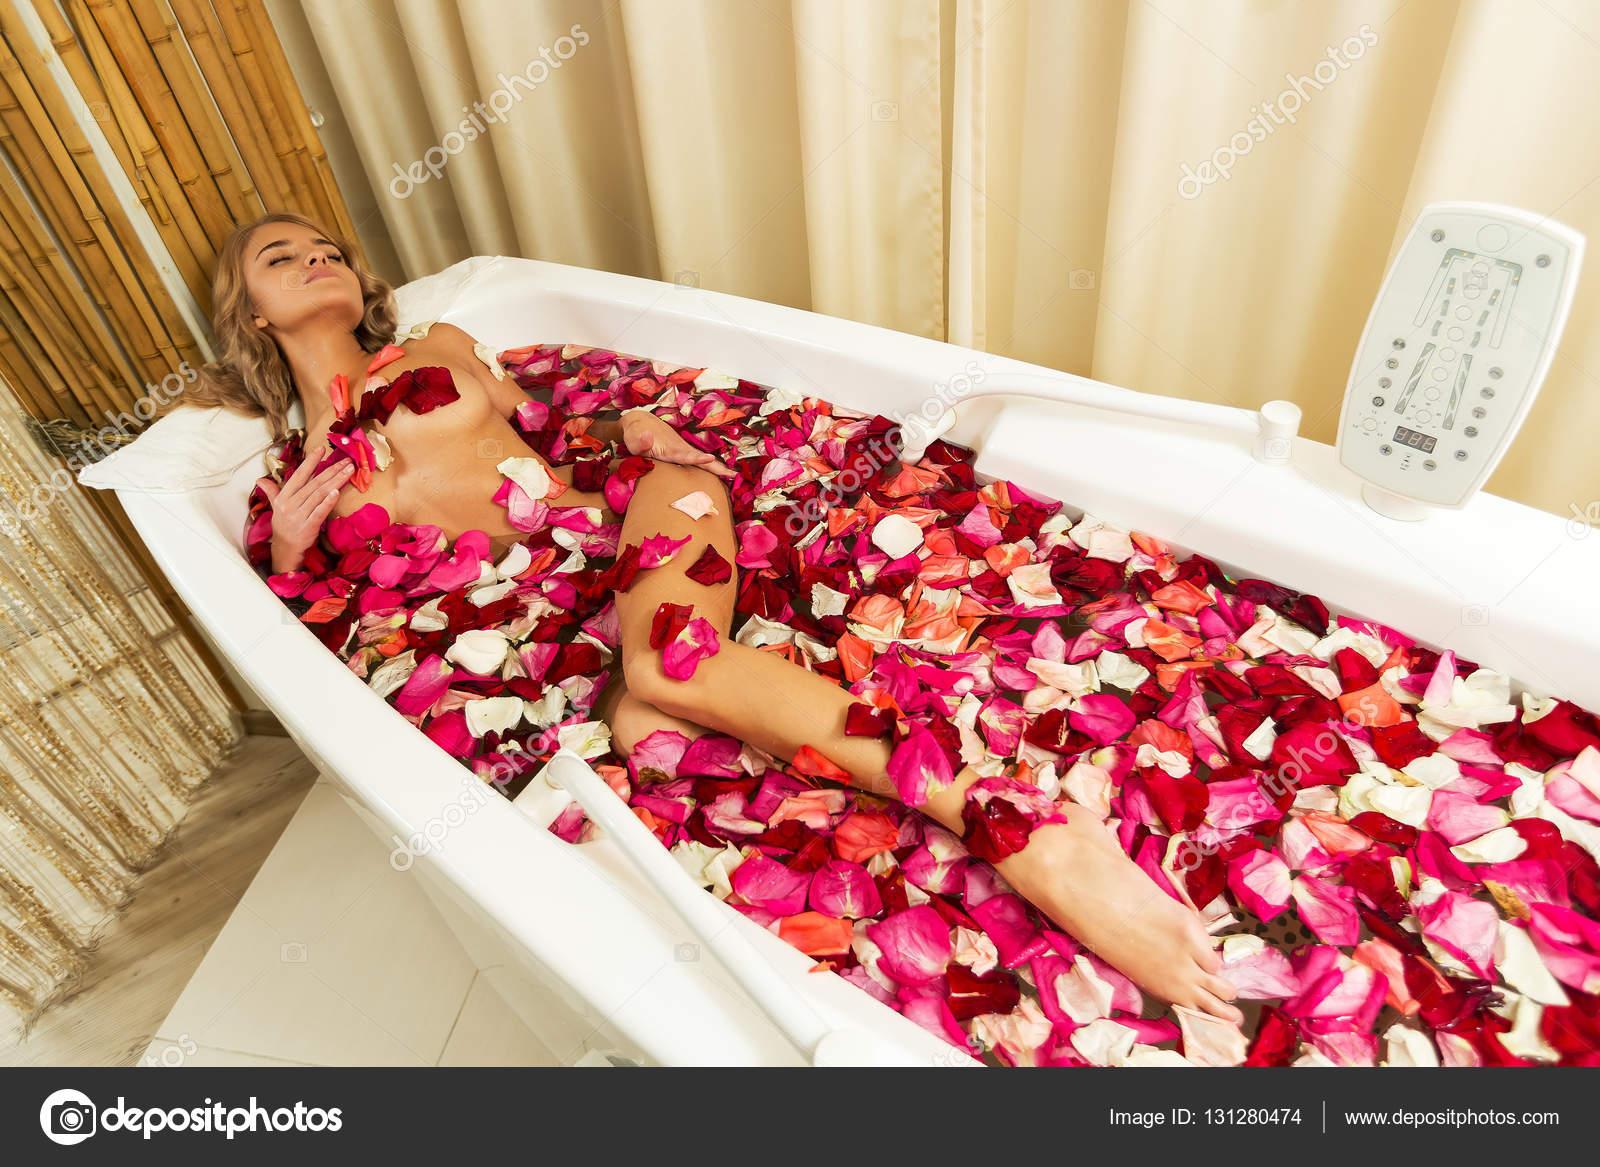 jeune fille belle re oit prenant bain aux p tales de rose. Black Bedroom Furniture Sets. Home Design Ideas